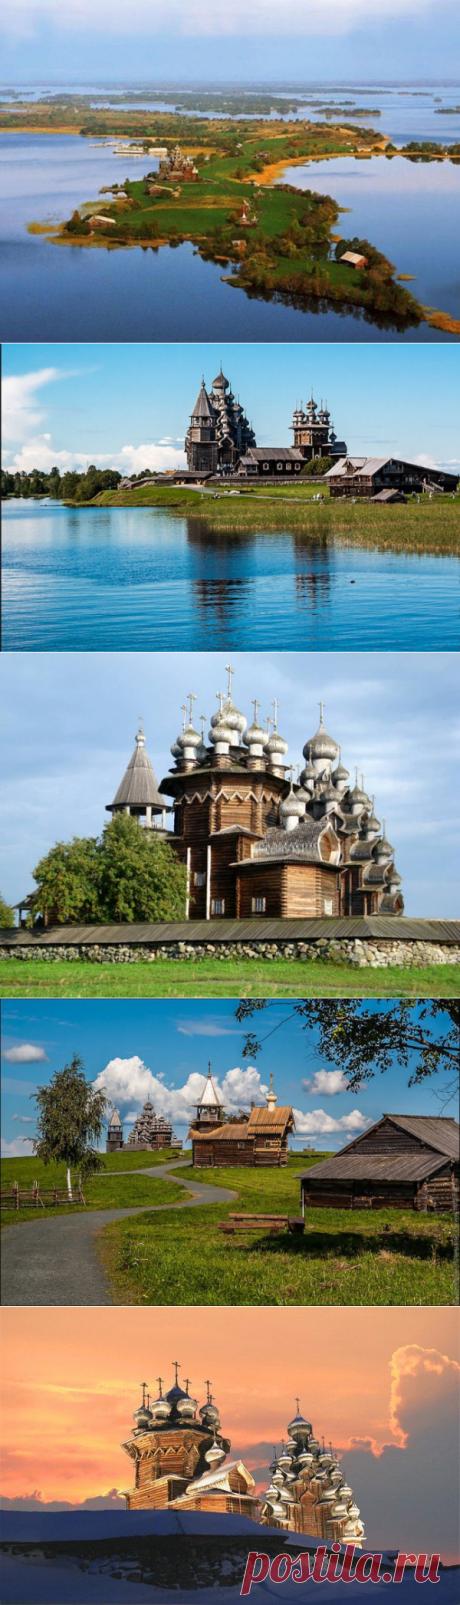 Кижи    Достопримечательности России